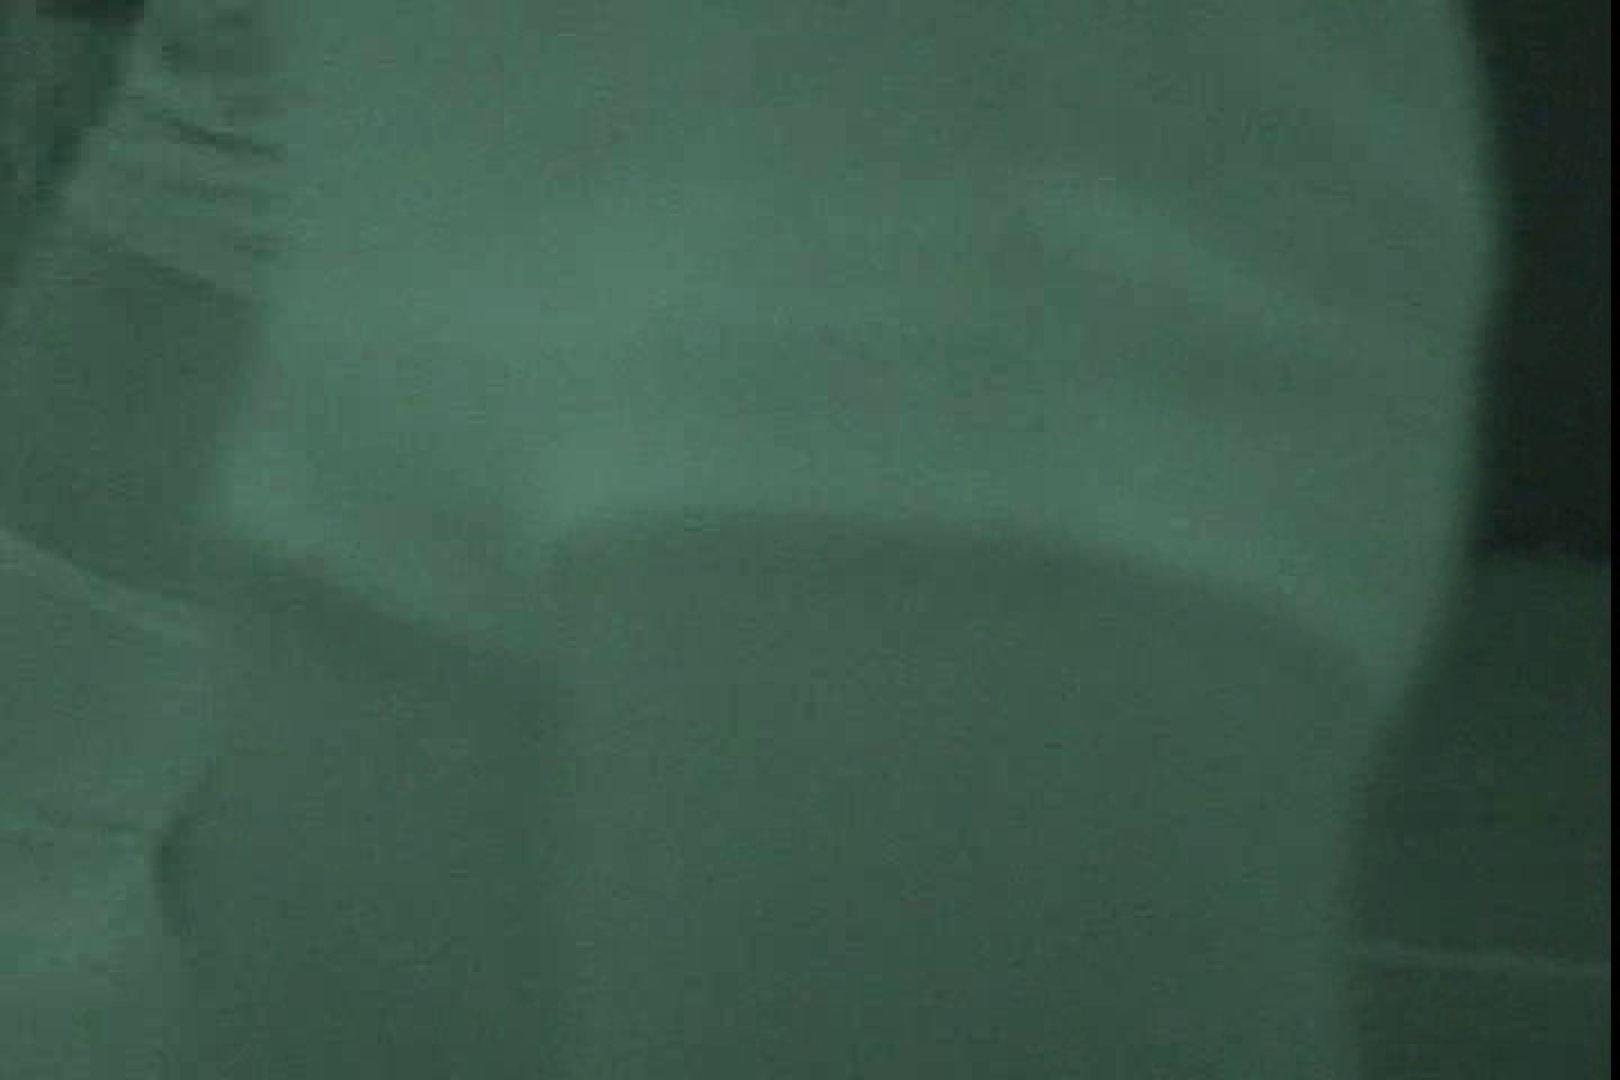 赤外線ムレスケバレー(汗) vol.11 エロいOL アダルト動画キャプチャ 33枚